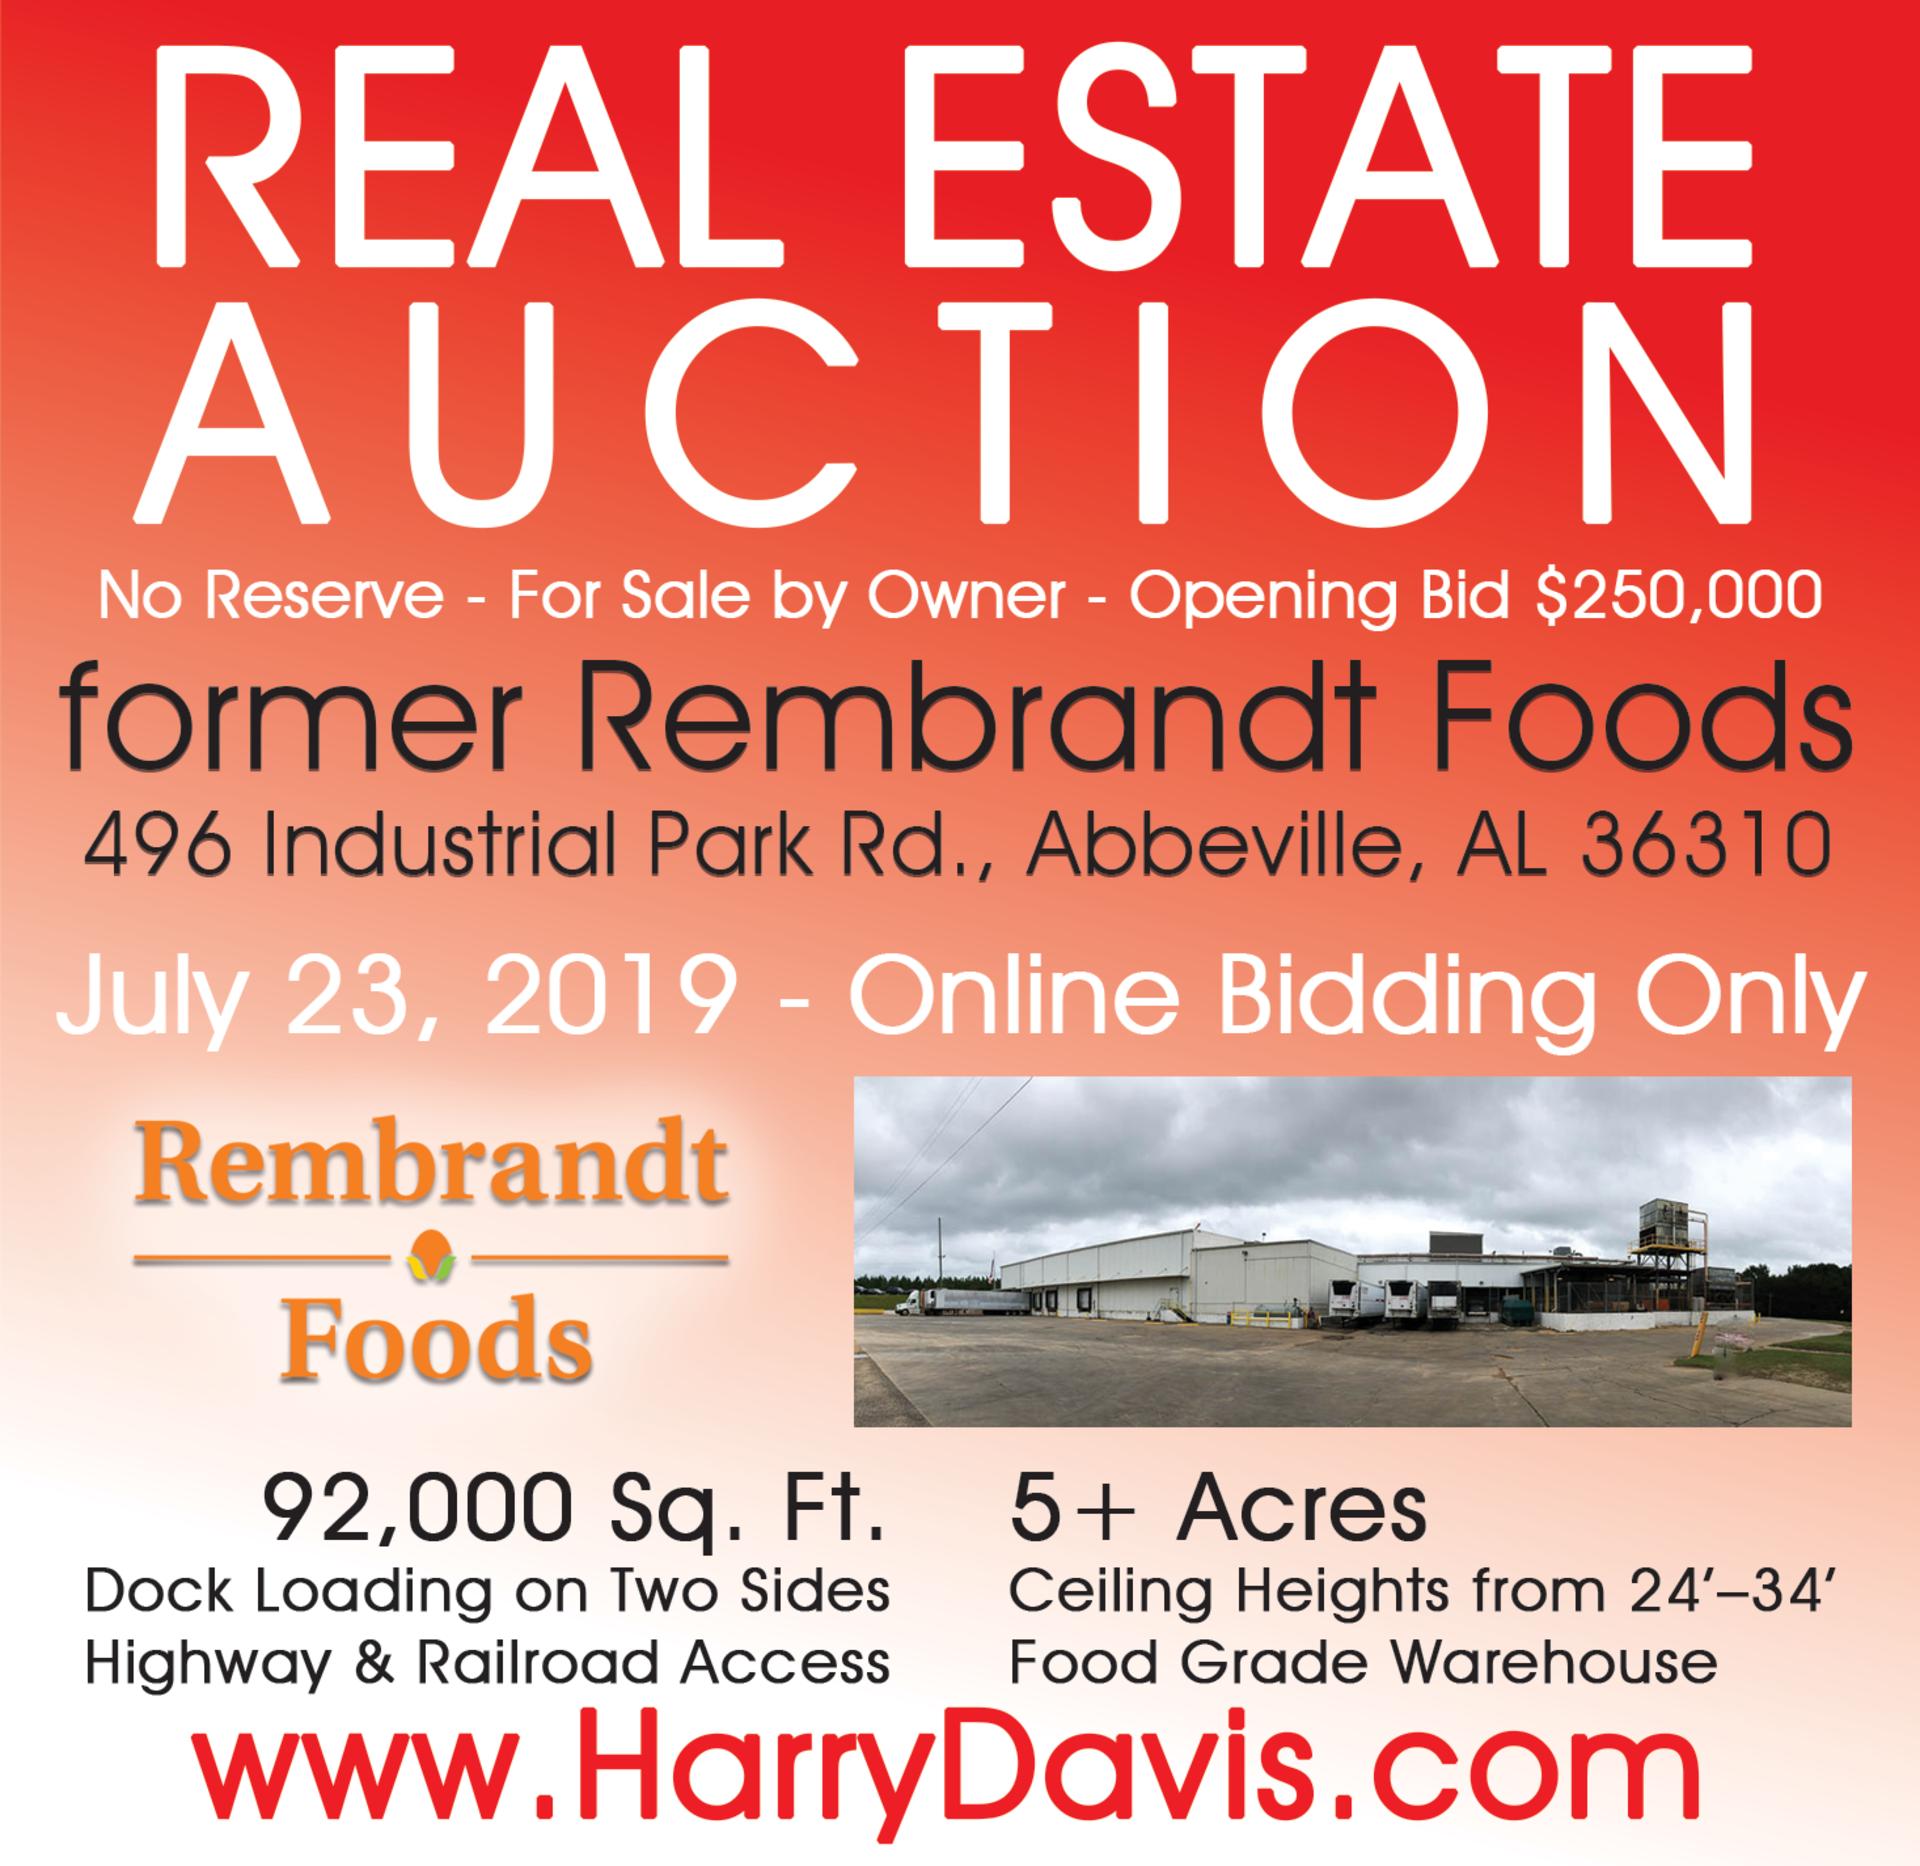 Lot 1 - REAL ESTATE AUCTION: former Rembrandt Foods, Abbeville, AL